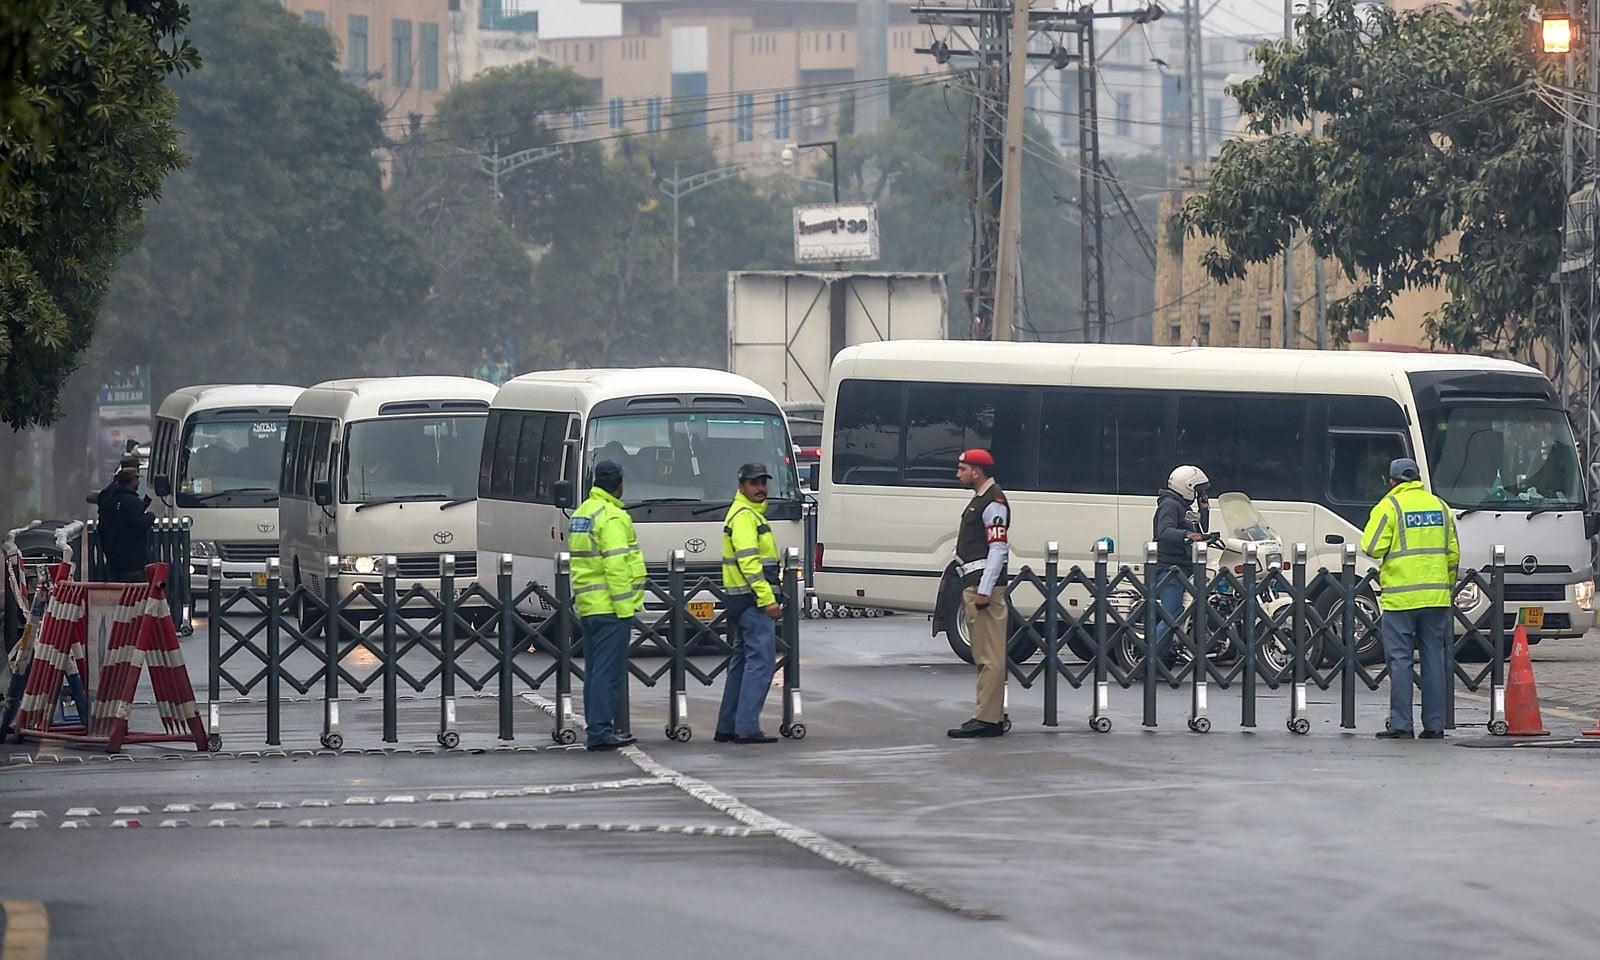 سری لنکن ٹیم کو سخت سیکیورٹی کے سائے میں راولپنڈی کرکٹ اسٹیڈیم پہنچایا گیا— فوٹو: اے ایف پی